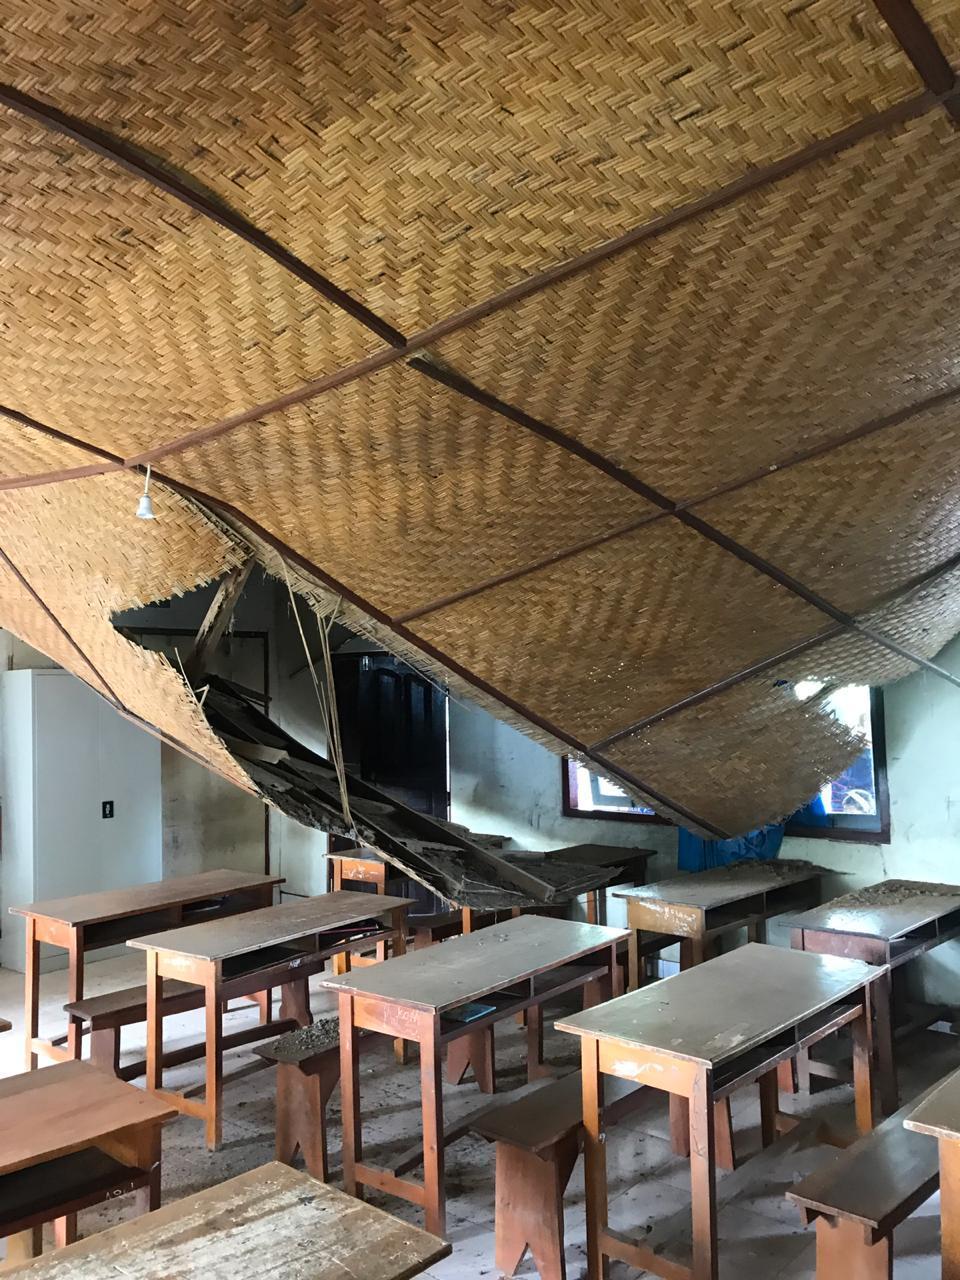 KONDISI gedung SDN 4 Songan di Banjar Peradi, Desa Songan A, sangat memprihatinkan. Plafon ruang kelas jebol akibat kayu penyangga lapuk, sehingga siswa terpaksa belajar di luar ruangan. Foto: aa ngurah girinatha